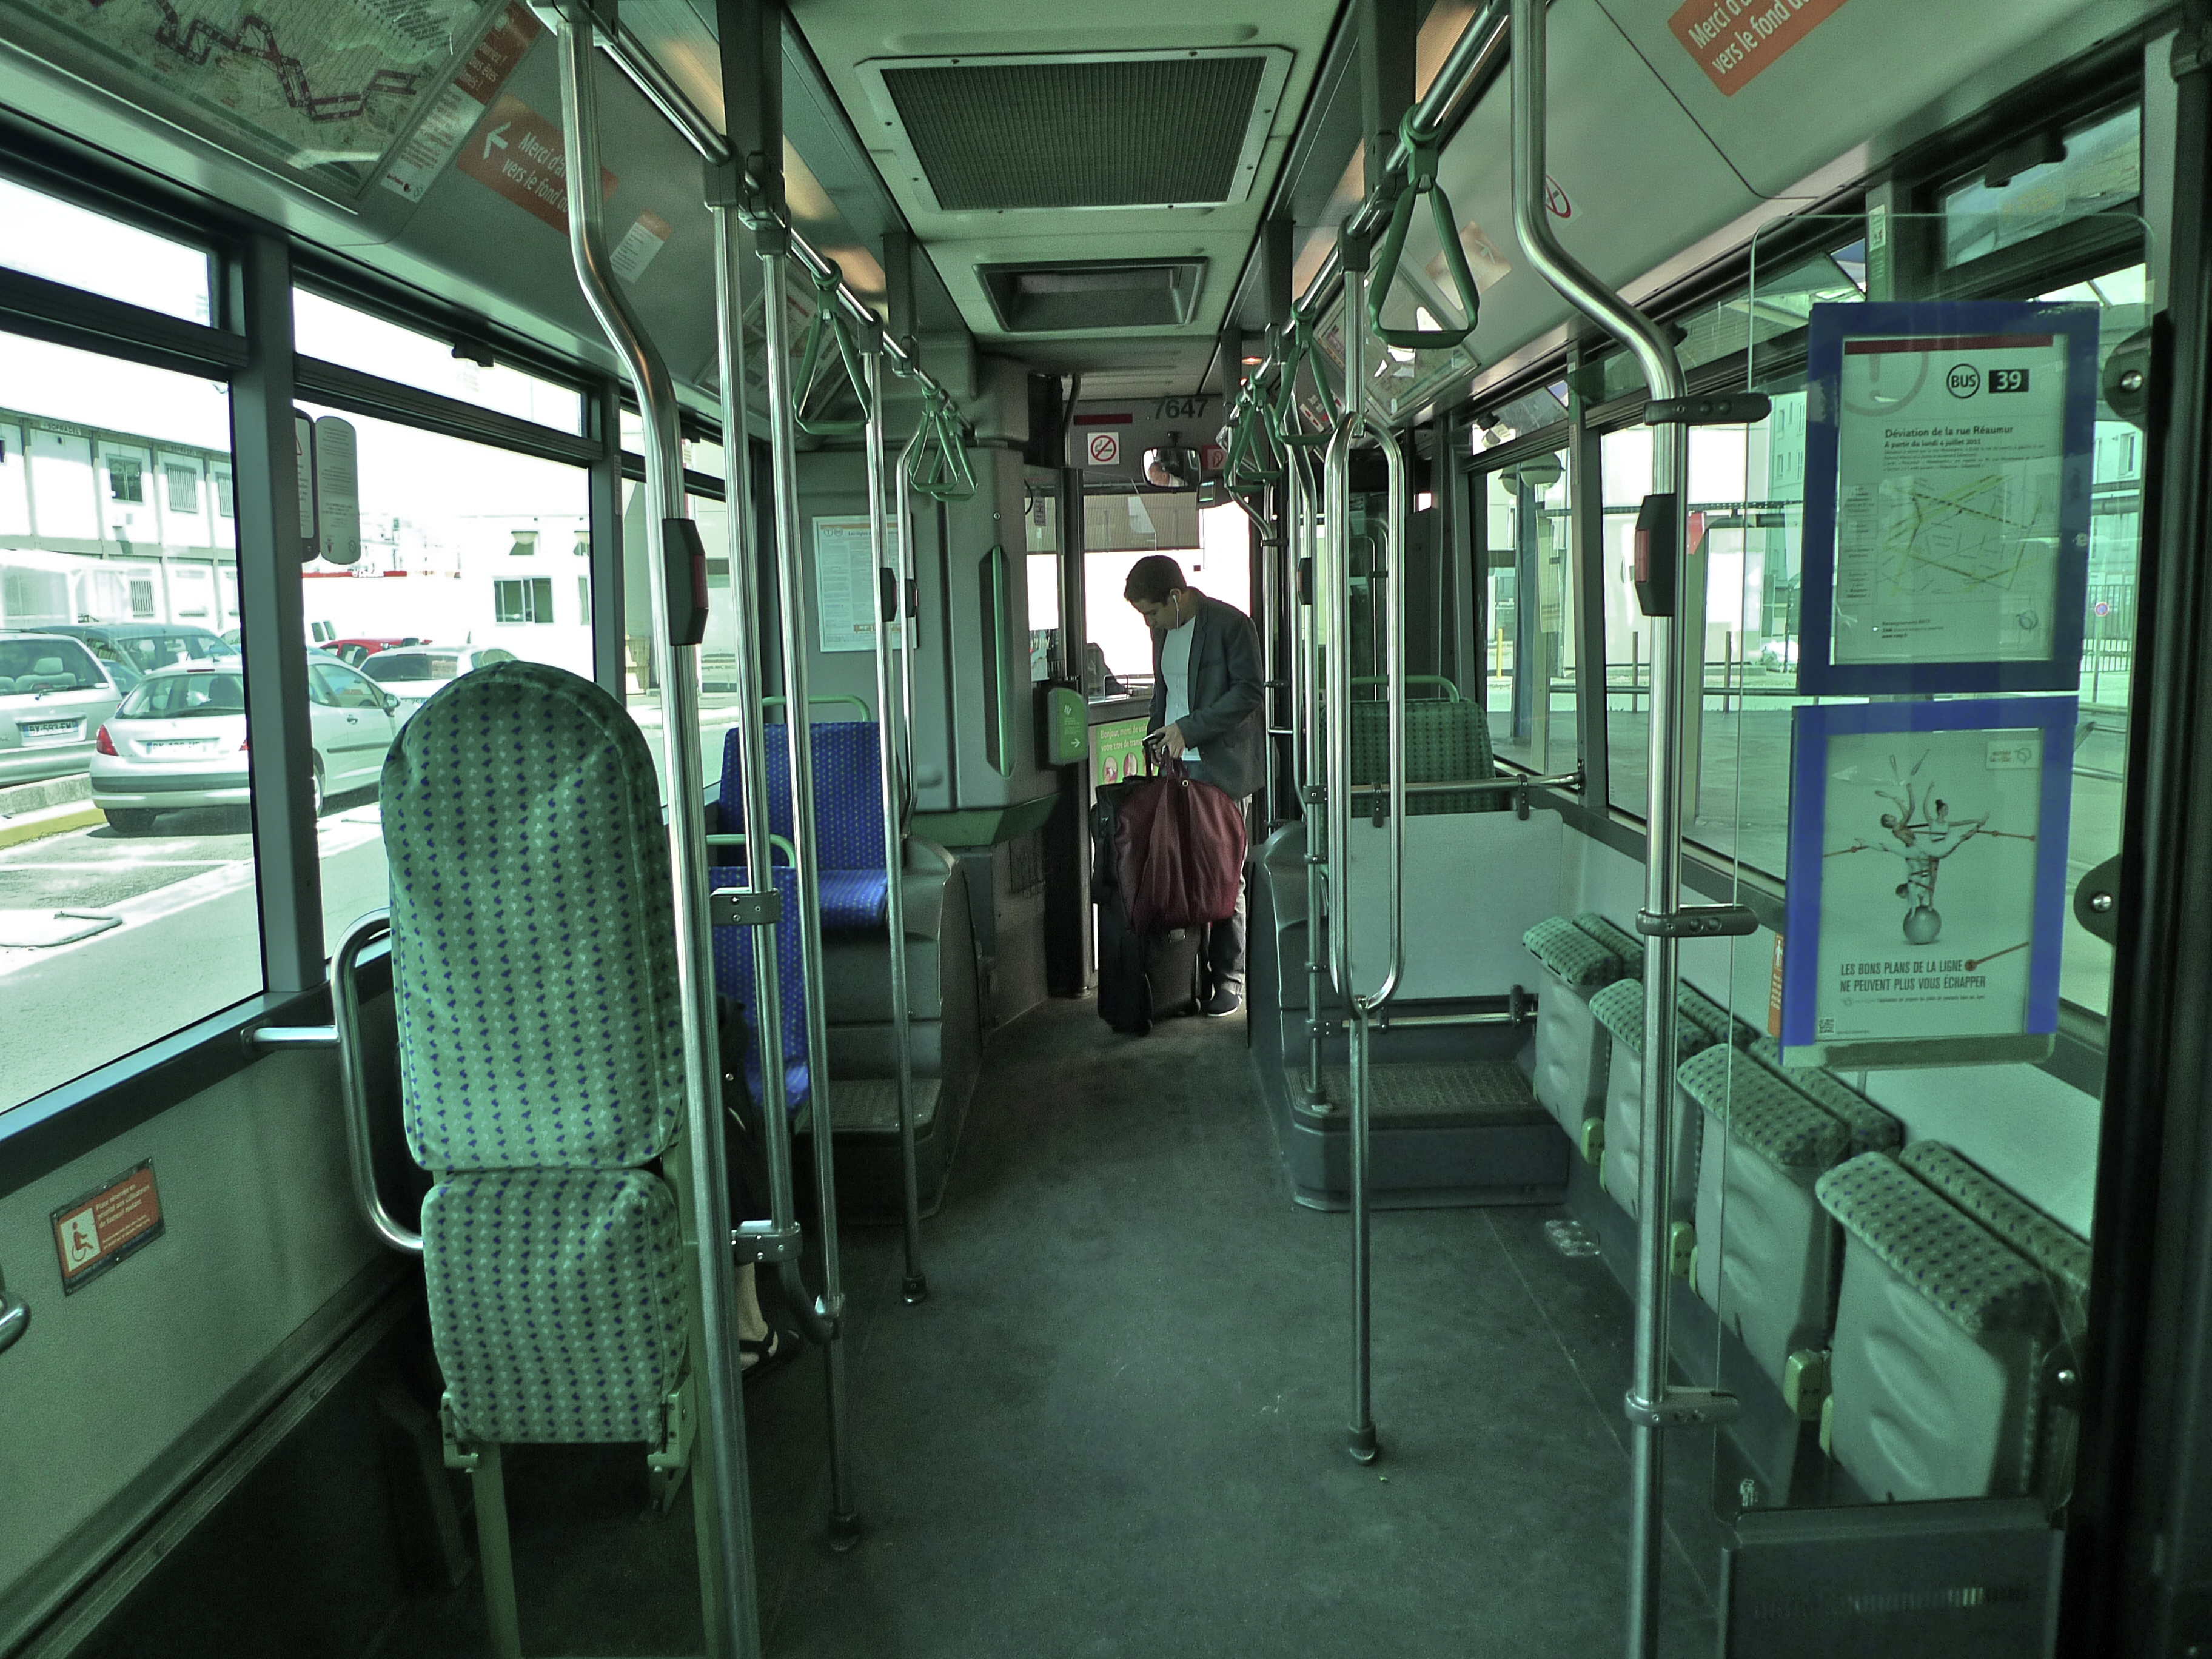 paris buses soundlandscapes 39 blog. Black Bedroom Furniture Sets. Home Design Ideas